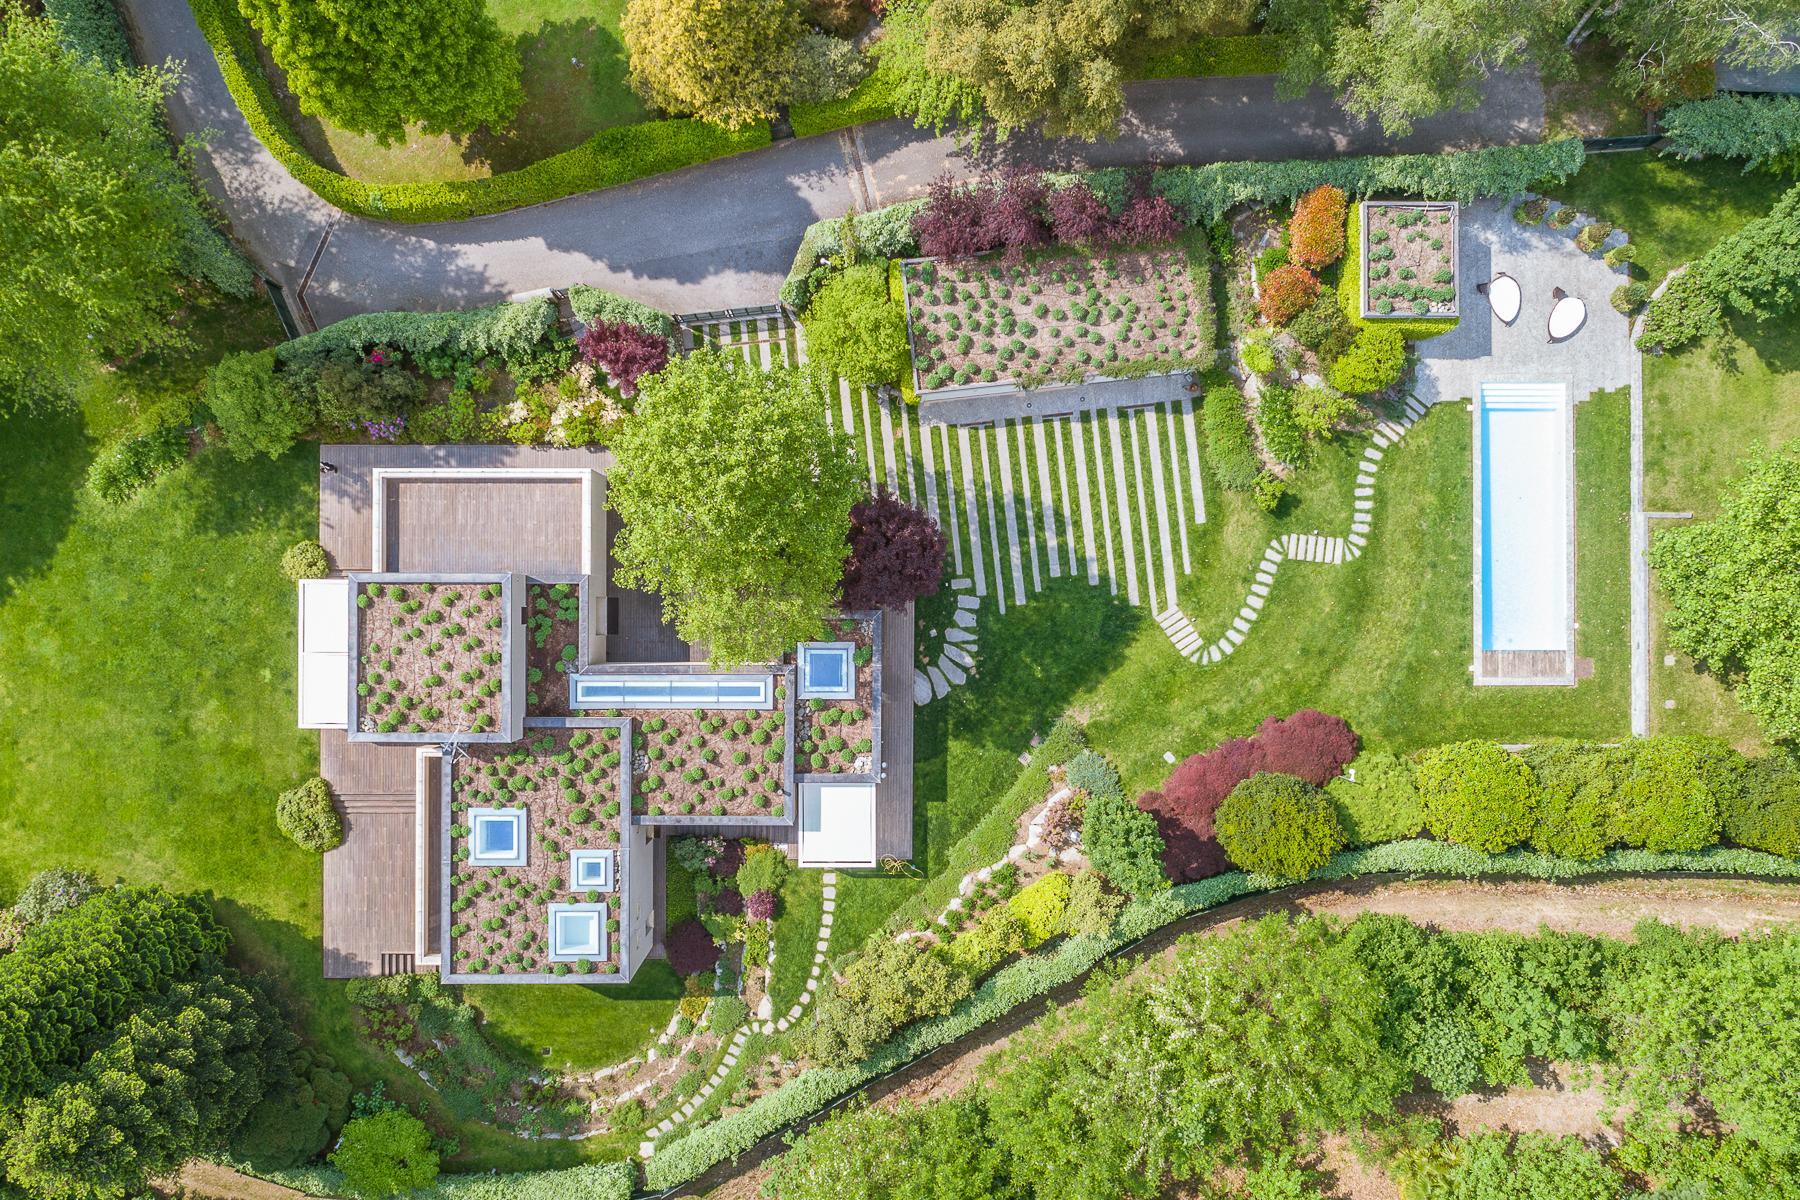 Villa di design eco sostenibile sul Lago Maggiore - 29